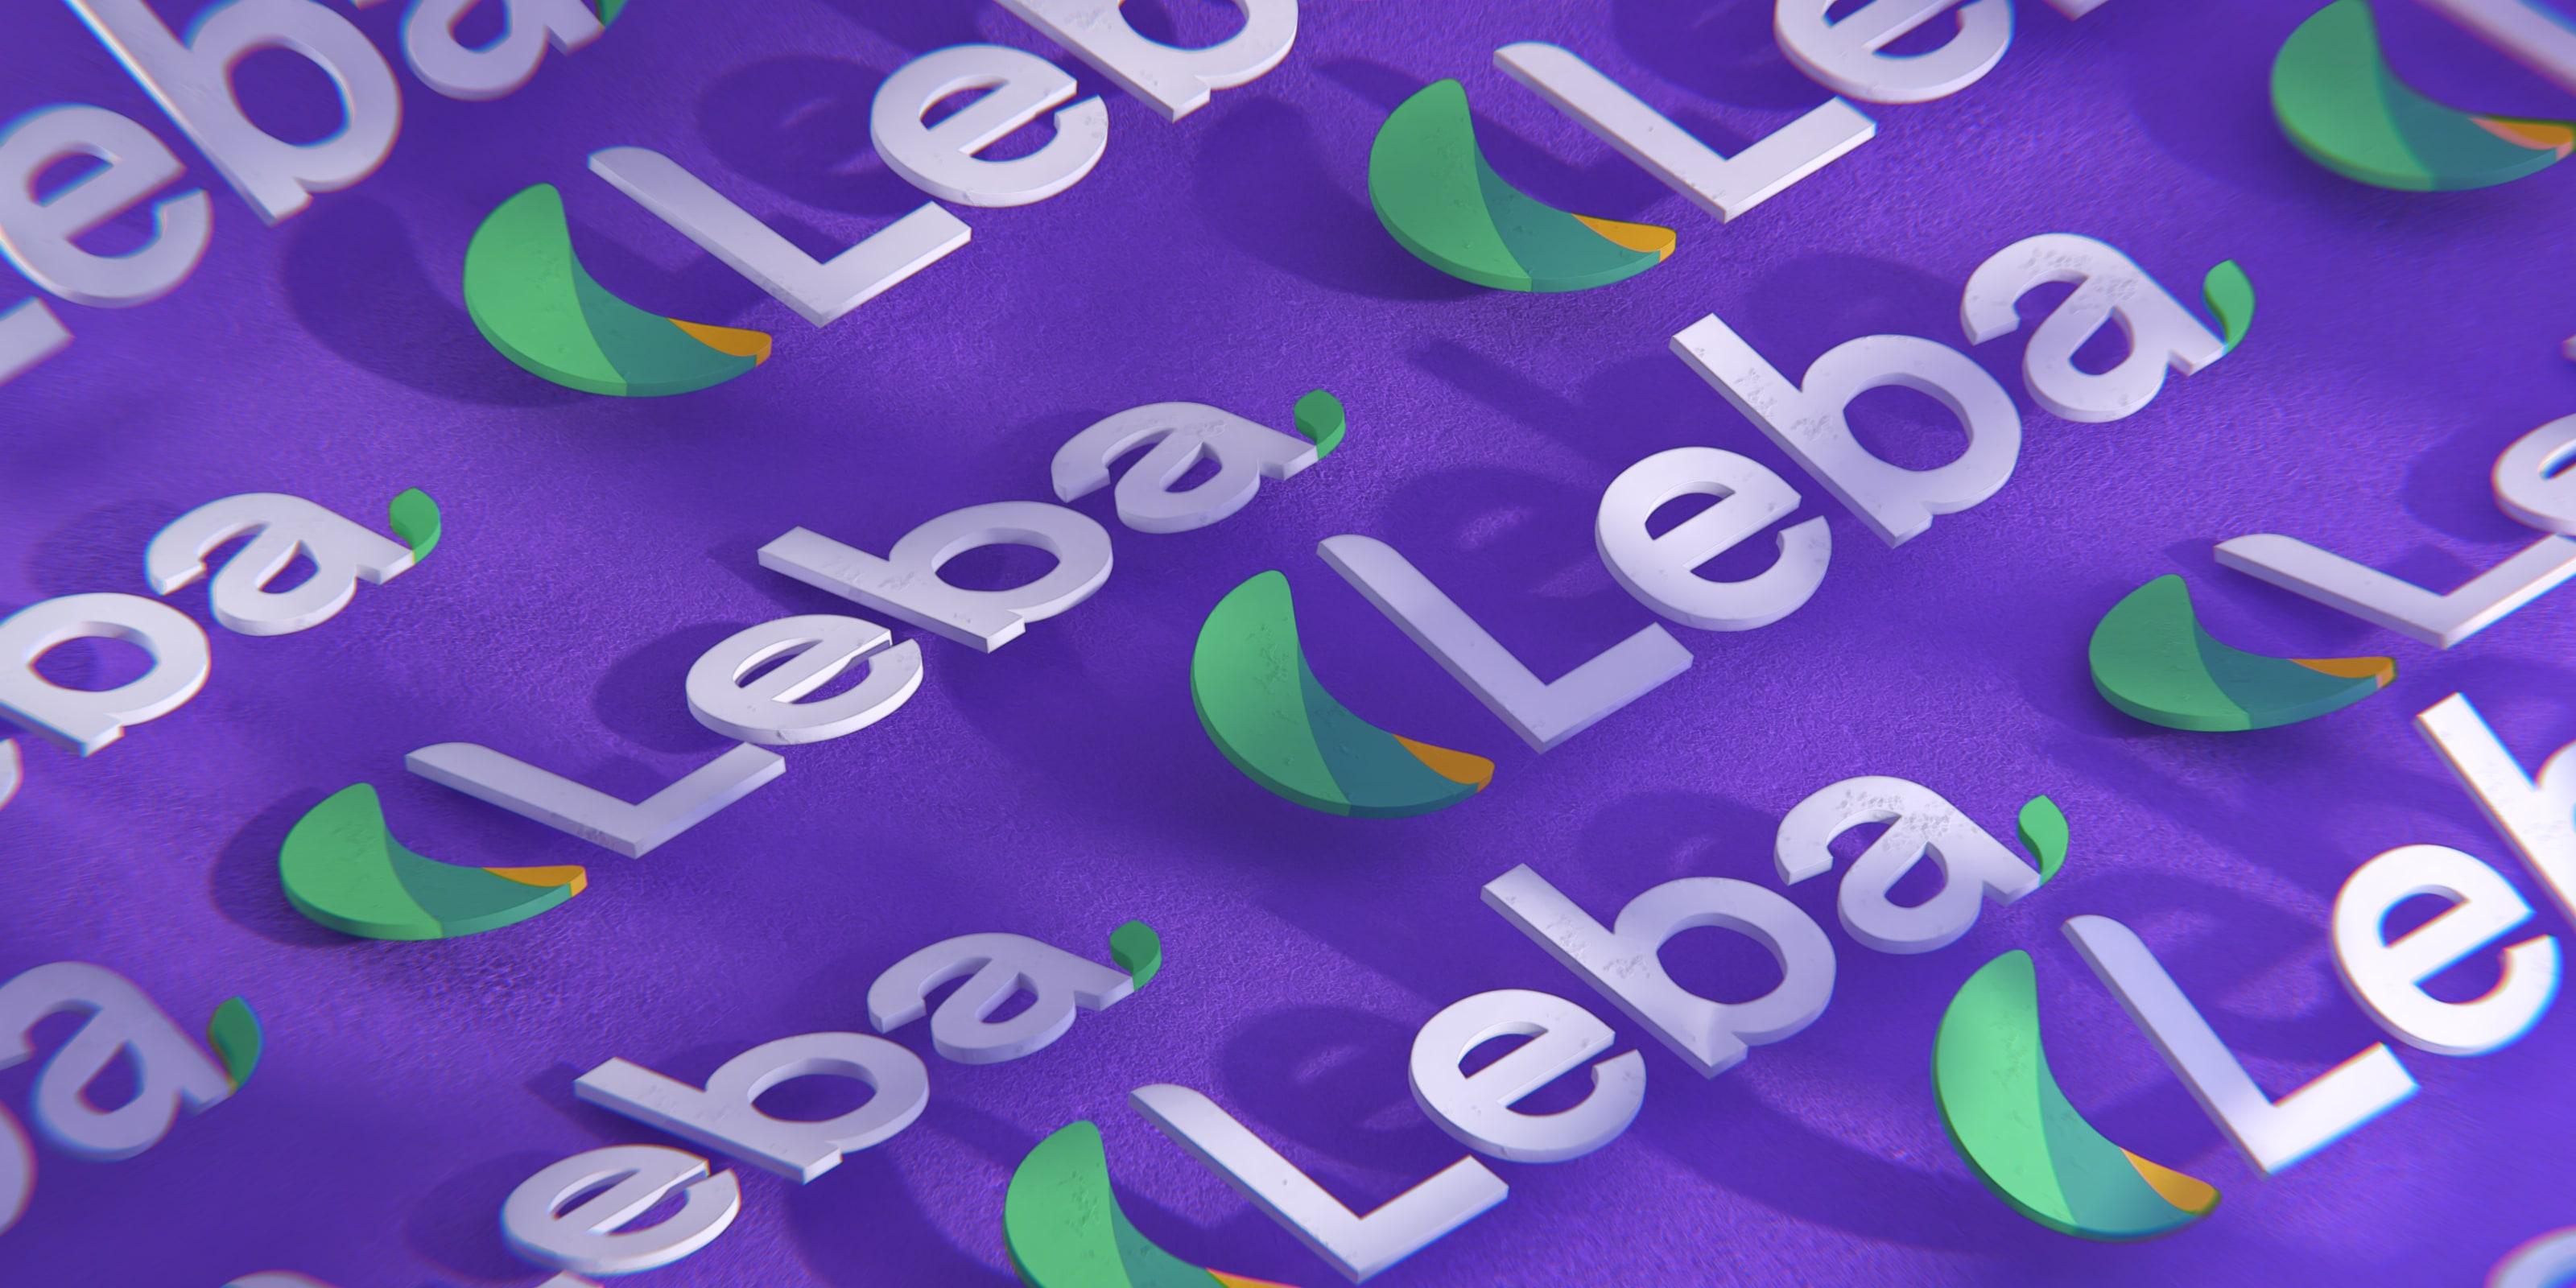 Кейс Leba: бренд, стратегия ипродвижение, часть 1